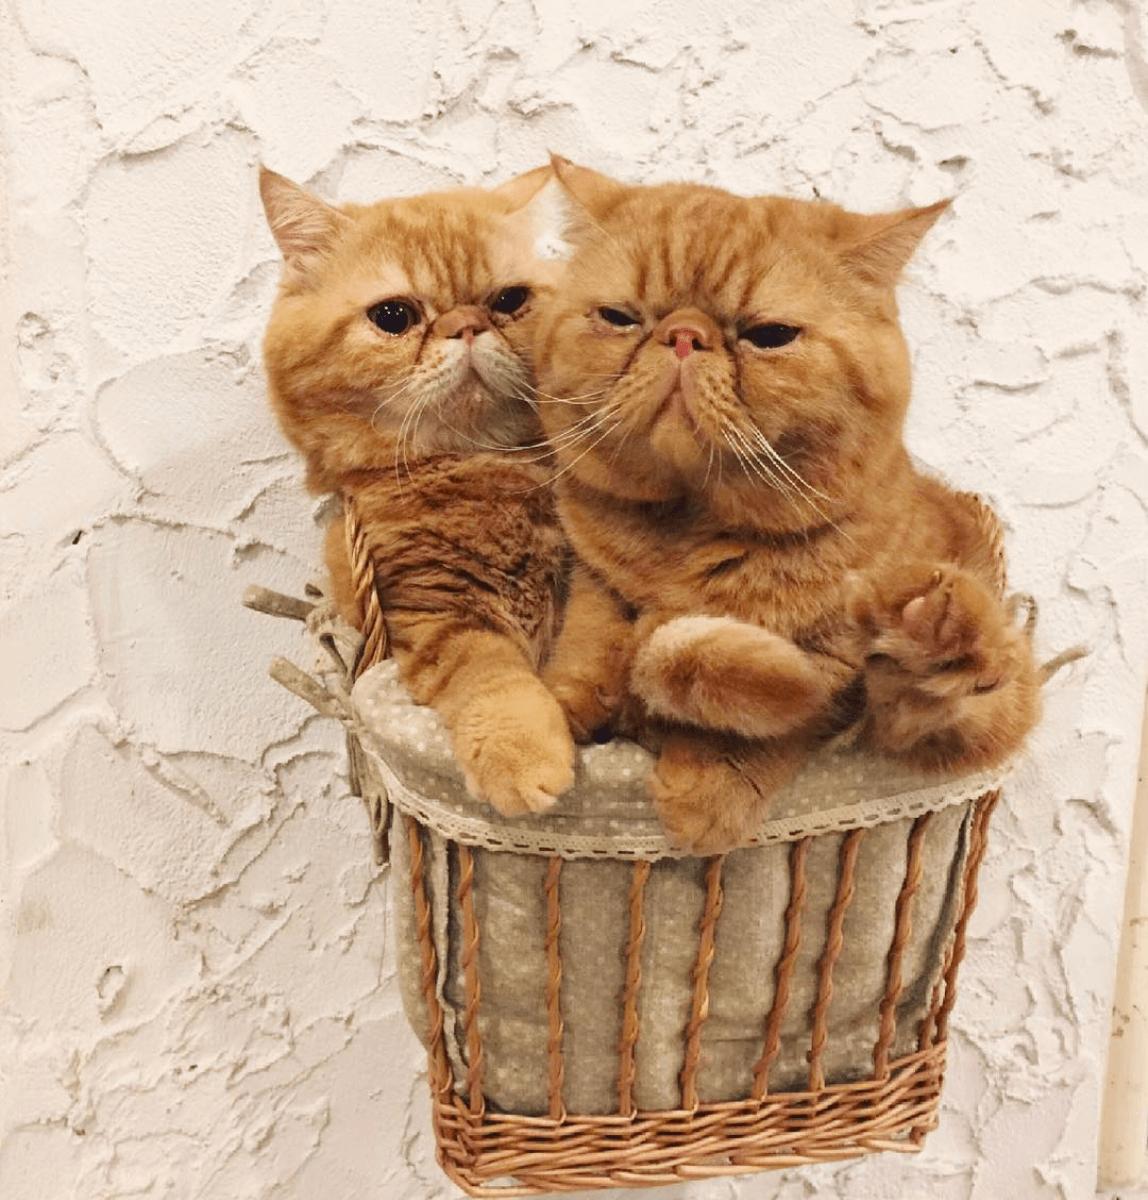 בית קפה לחתולים בבנגקוק - מסעדות קונספט מגניבות בעולם